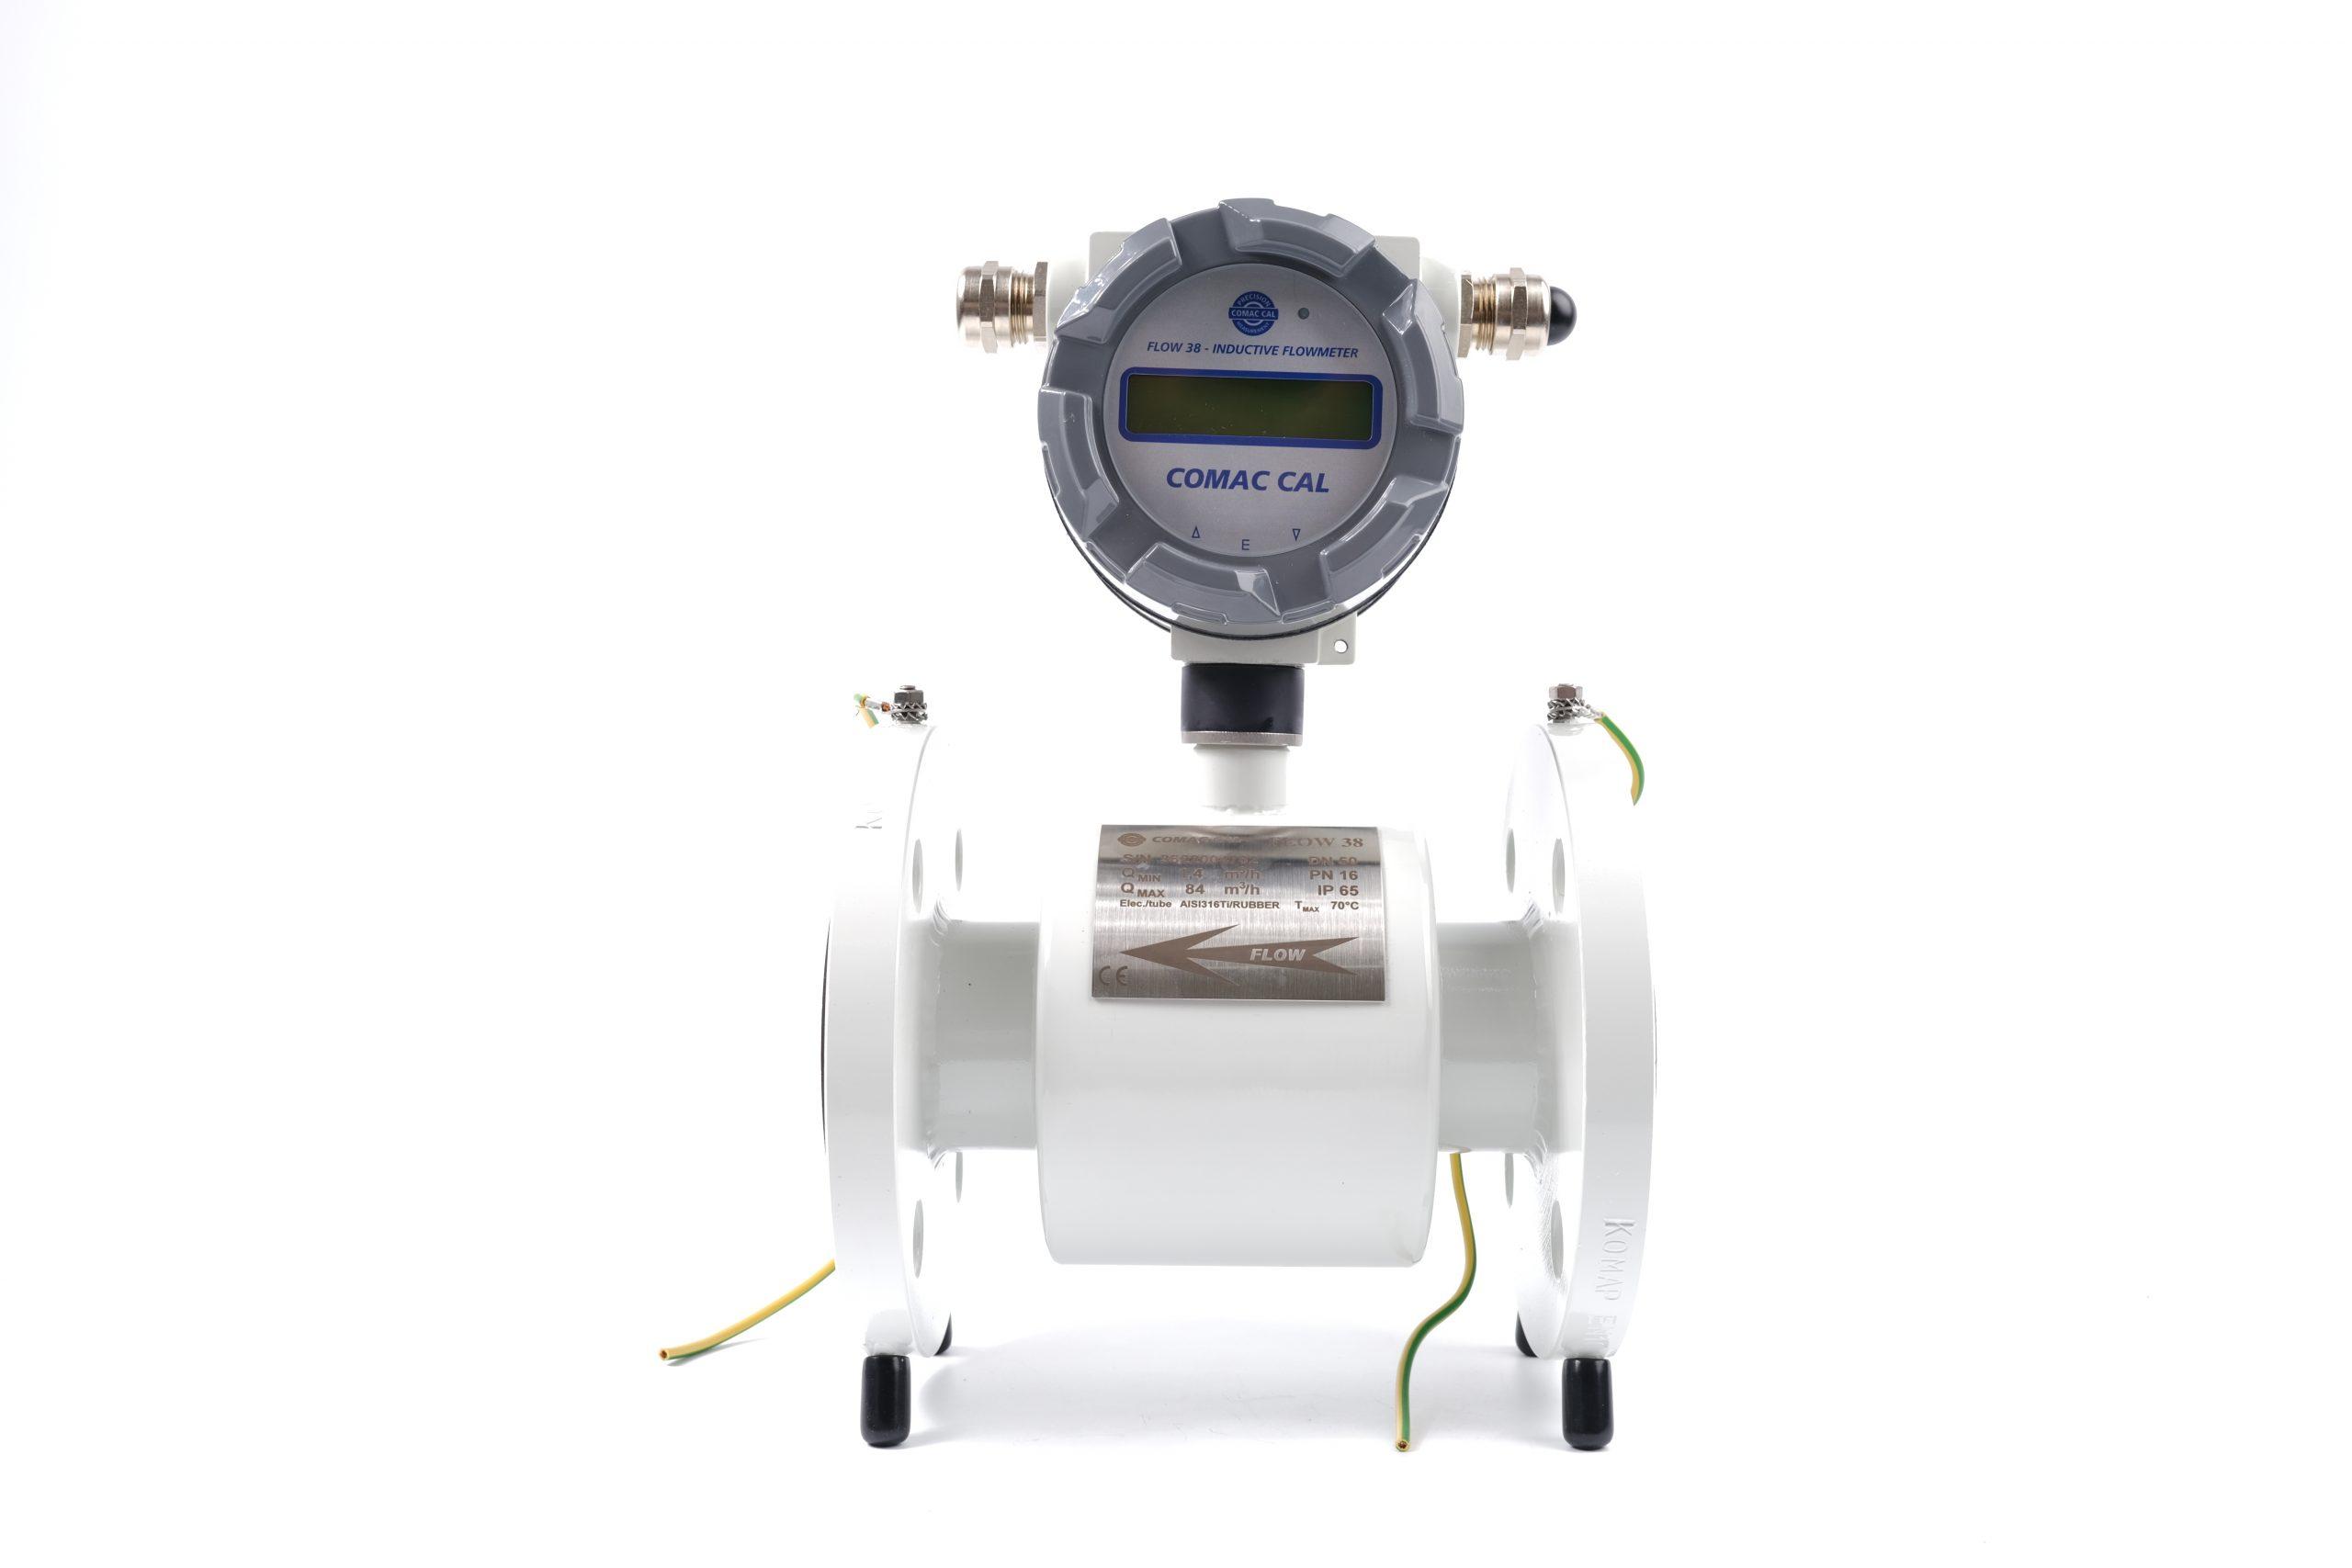 Đồng hồ đo lưu lượng điện từ Comac Cal